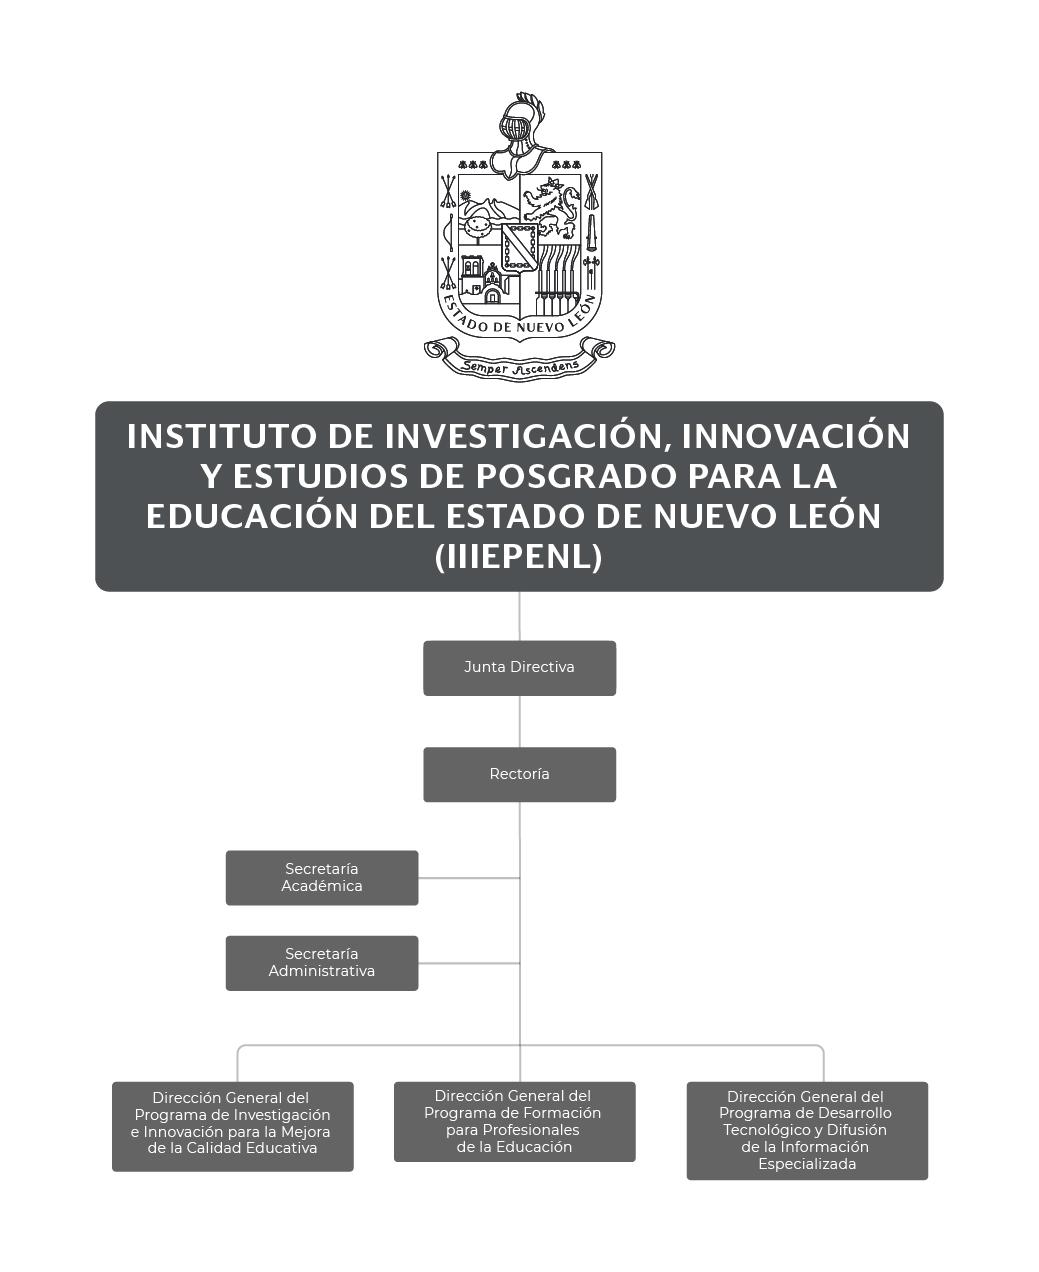 Organigrama del Instituto de Investigación, Innovación y Estudios de Posgrado para la Educación del Estado de NL